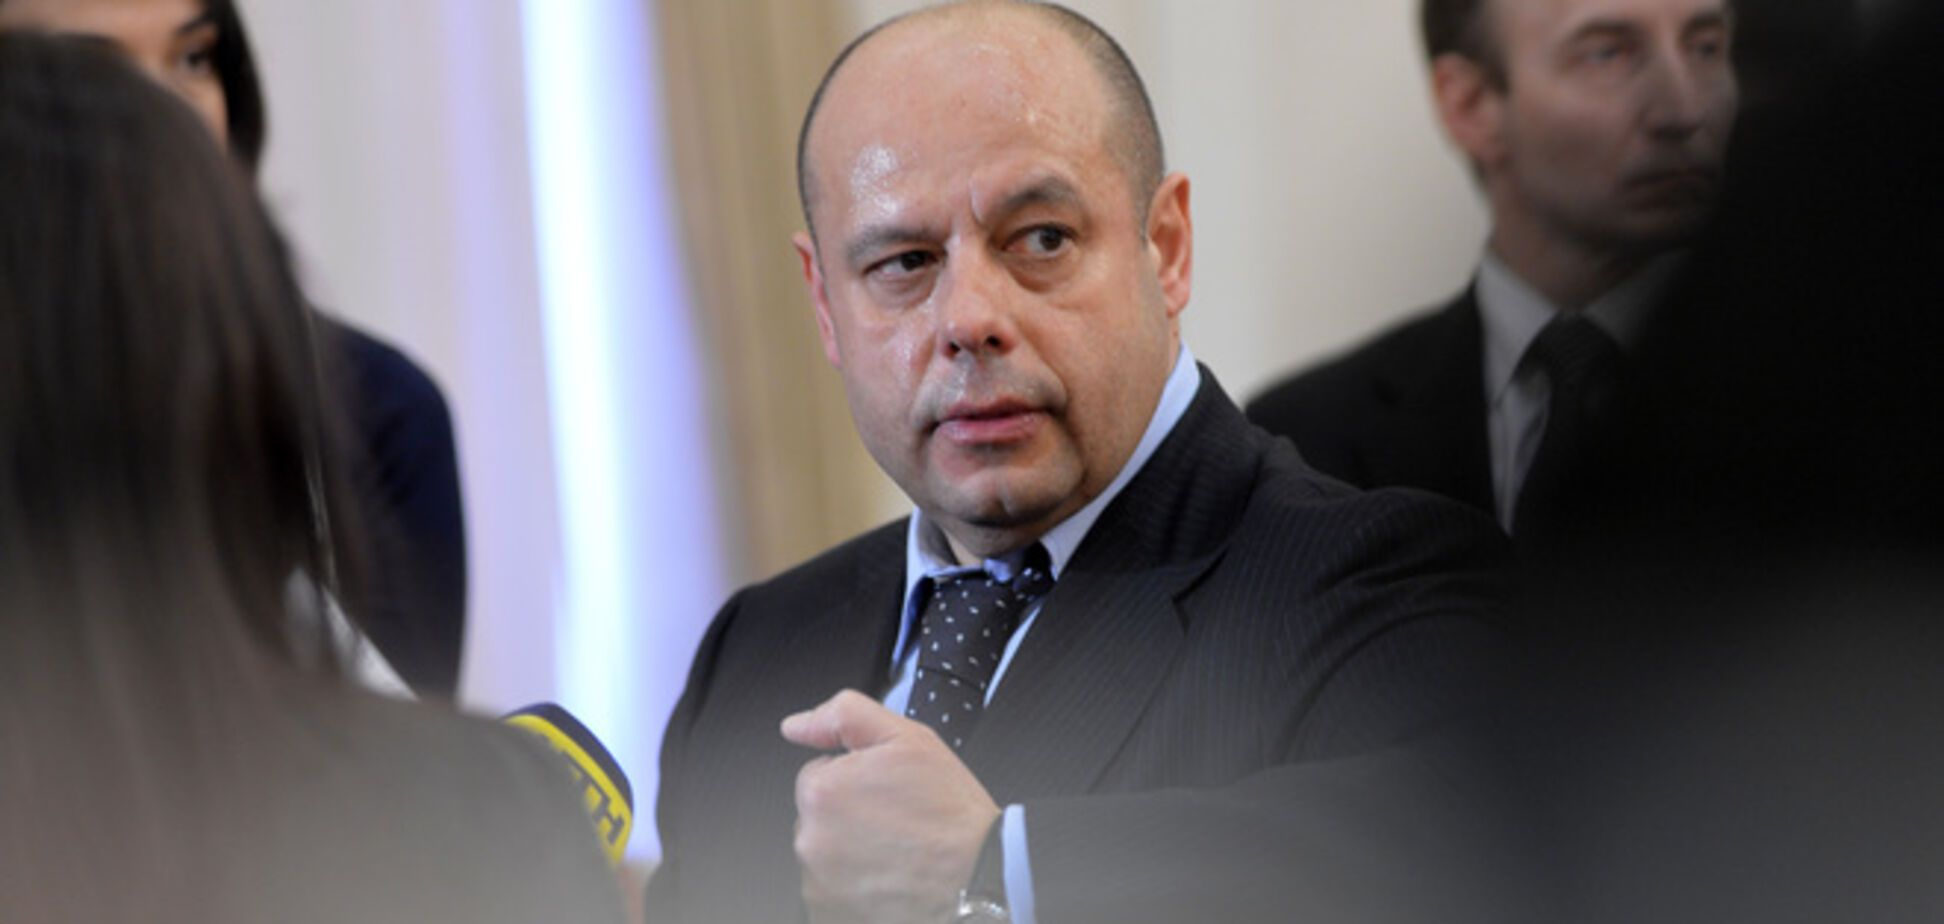 Украина еще раз напомнит России о своем судебном иске - министр